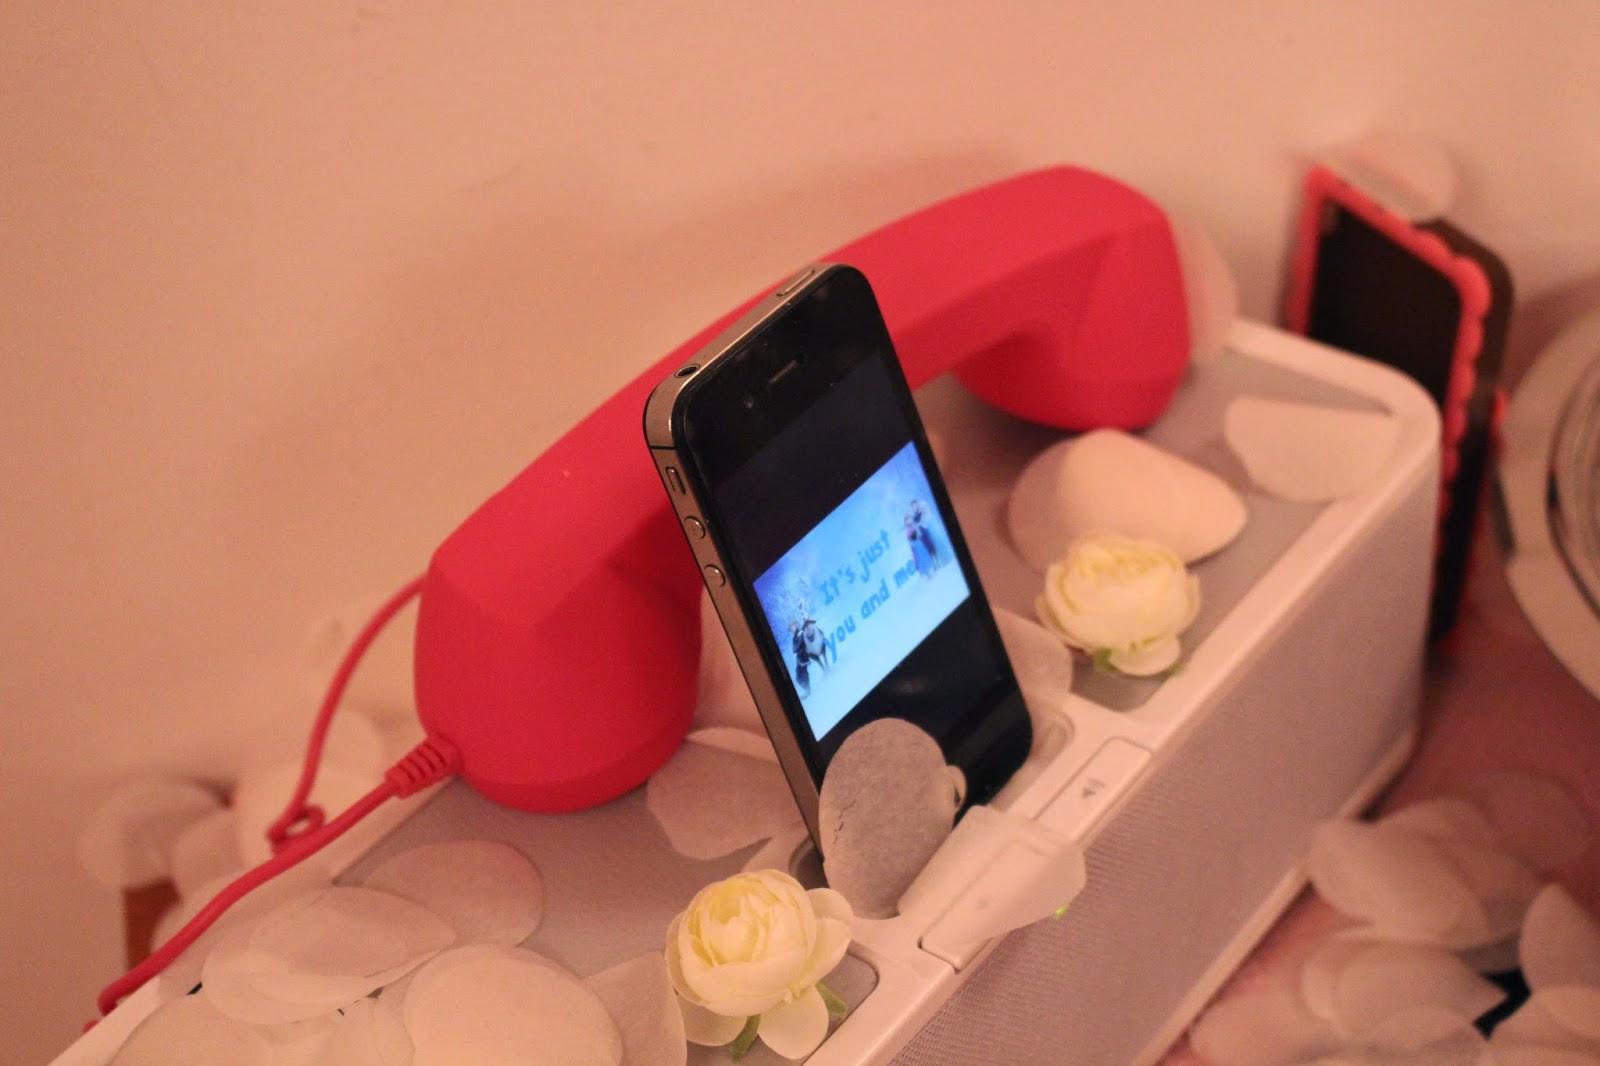 Phone And Confetti